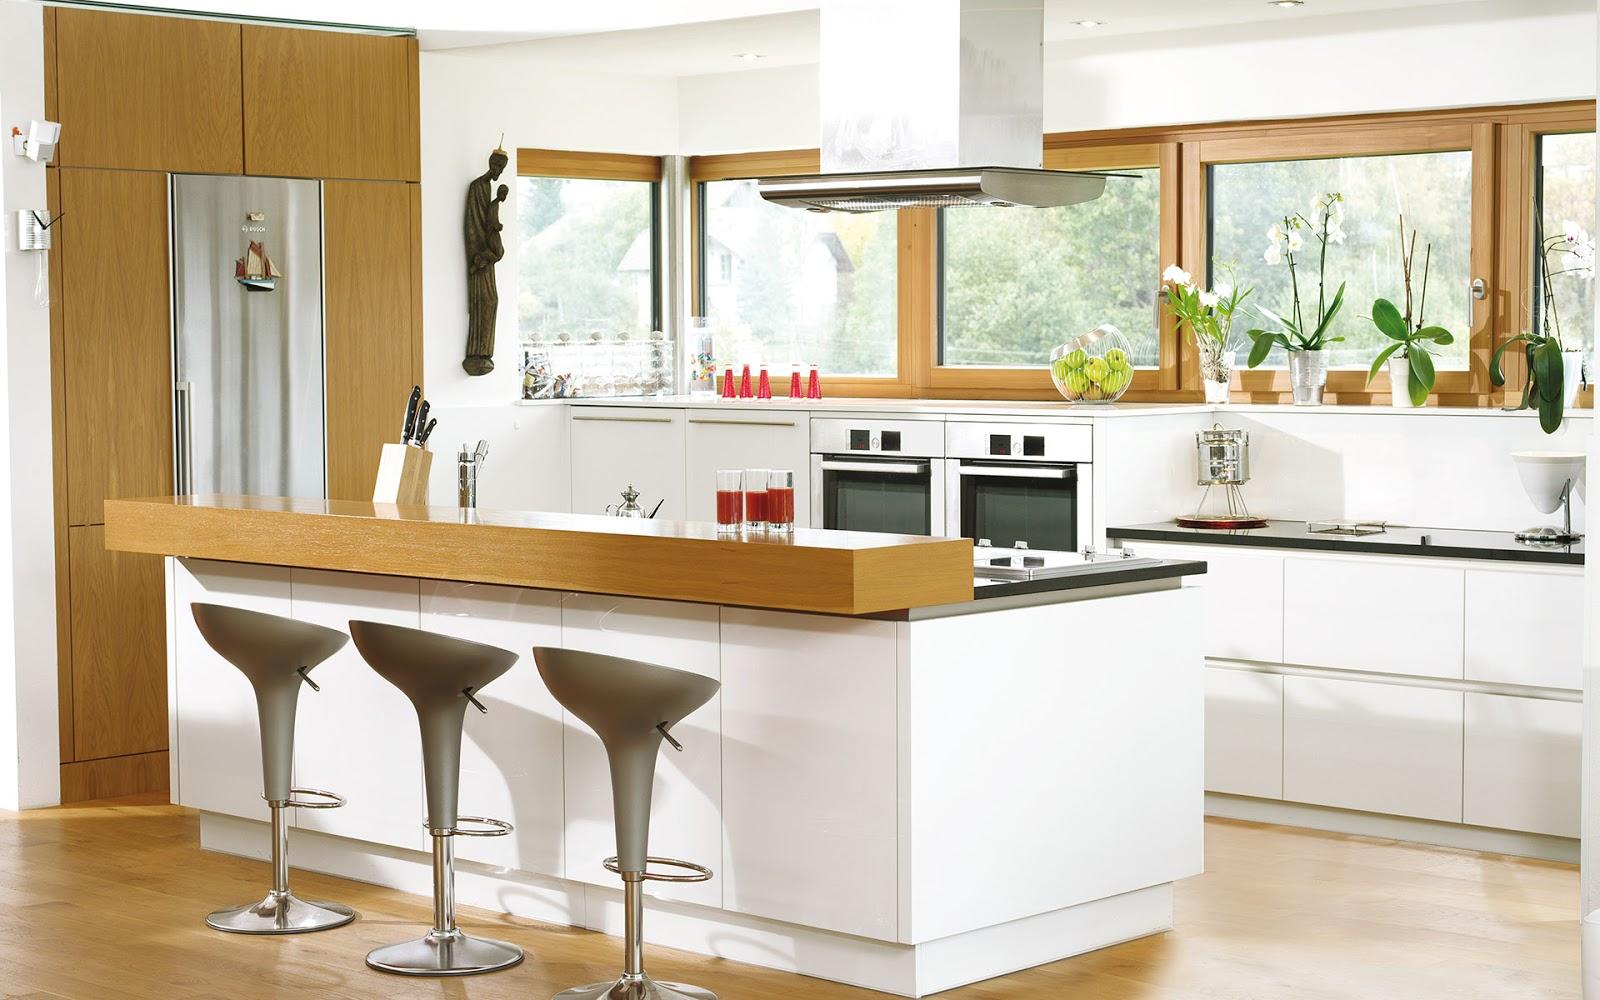 30 ideas de mesas y barras para comer en la cocina - Como disenar un bar en casa ...